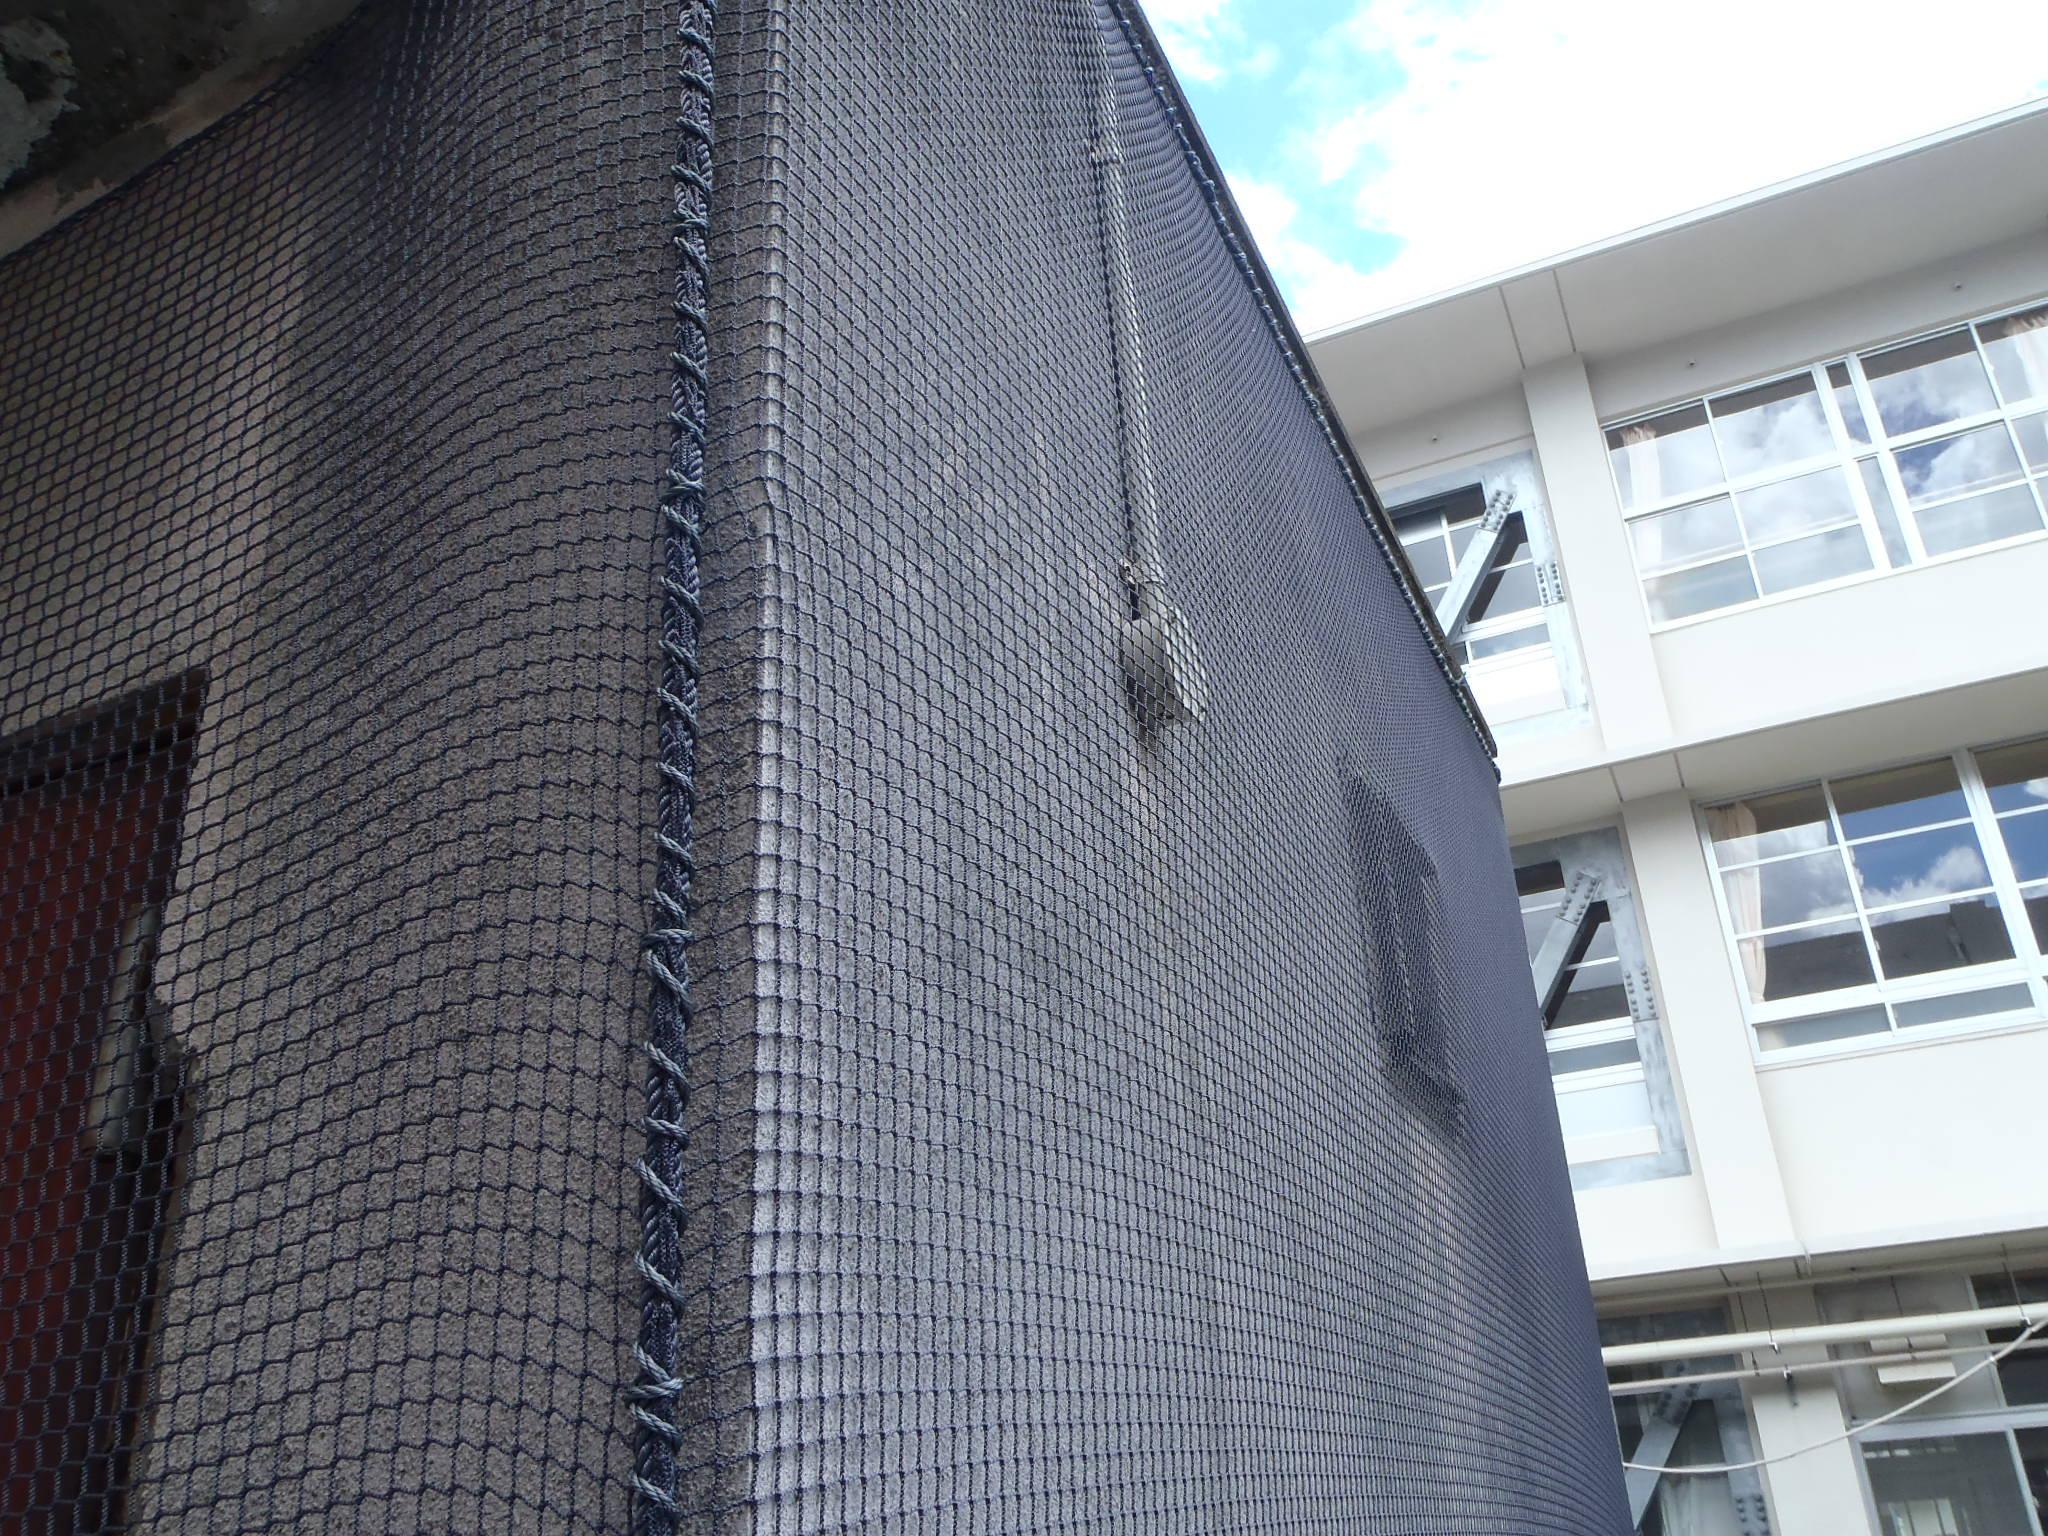 外壁剥落防止ネット設置工事 image2